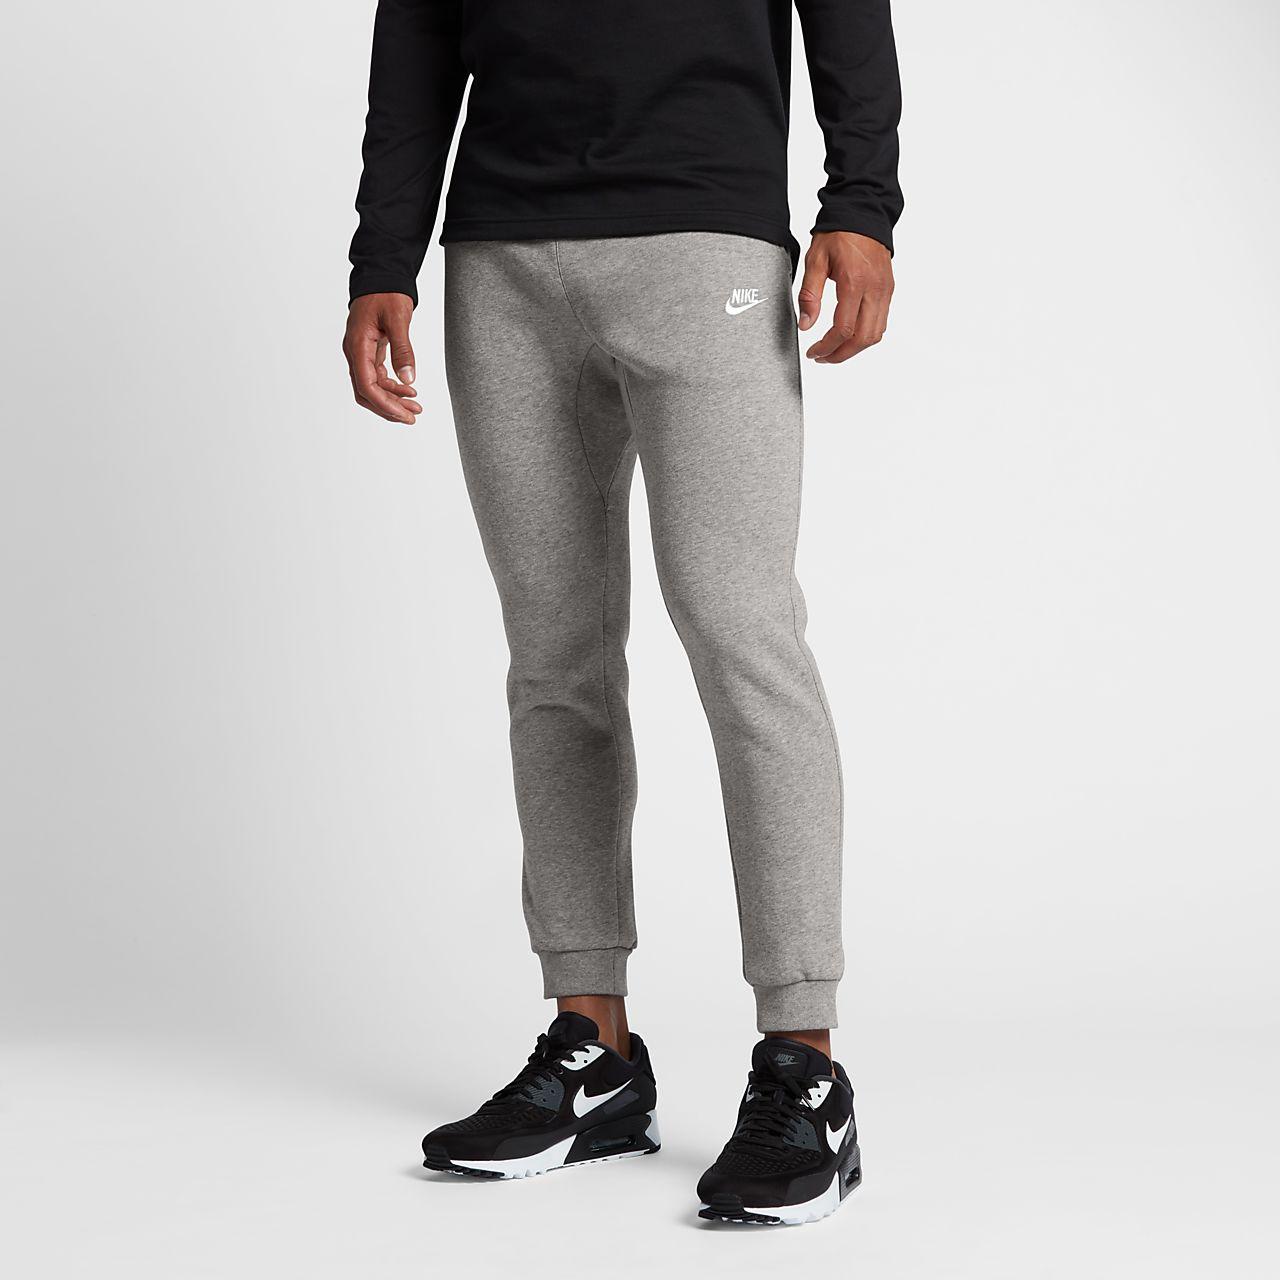 3acd23eb38aa2d Nike Sportswear Club Fleece Herren-Jogger. Nike.com DE